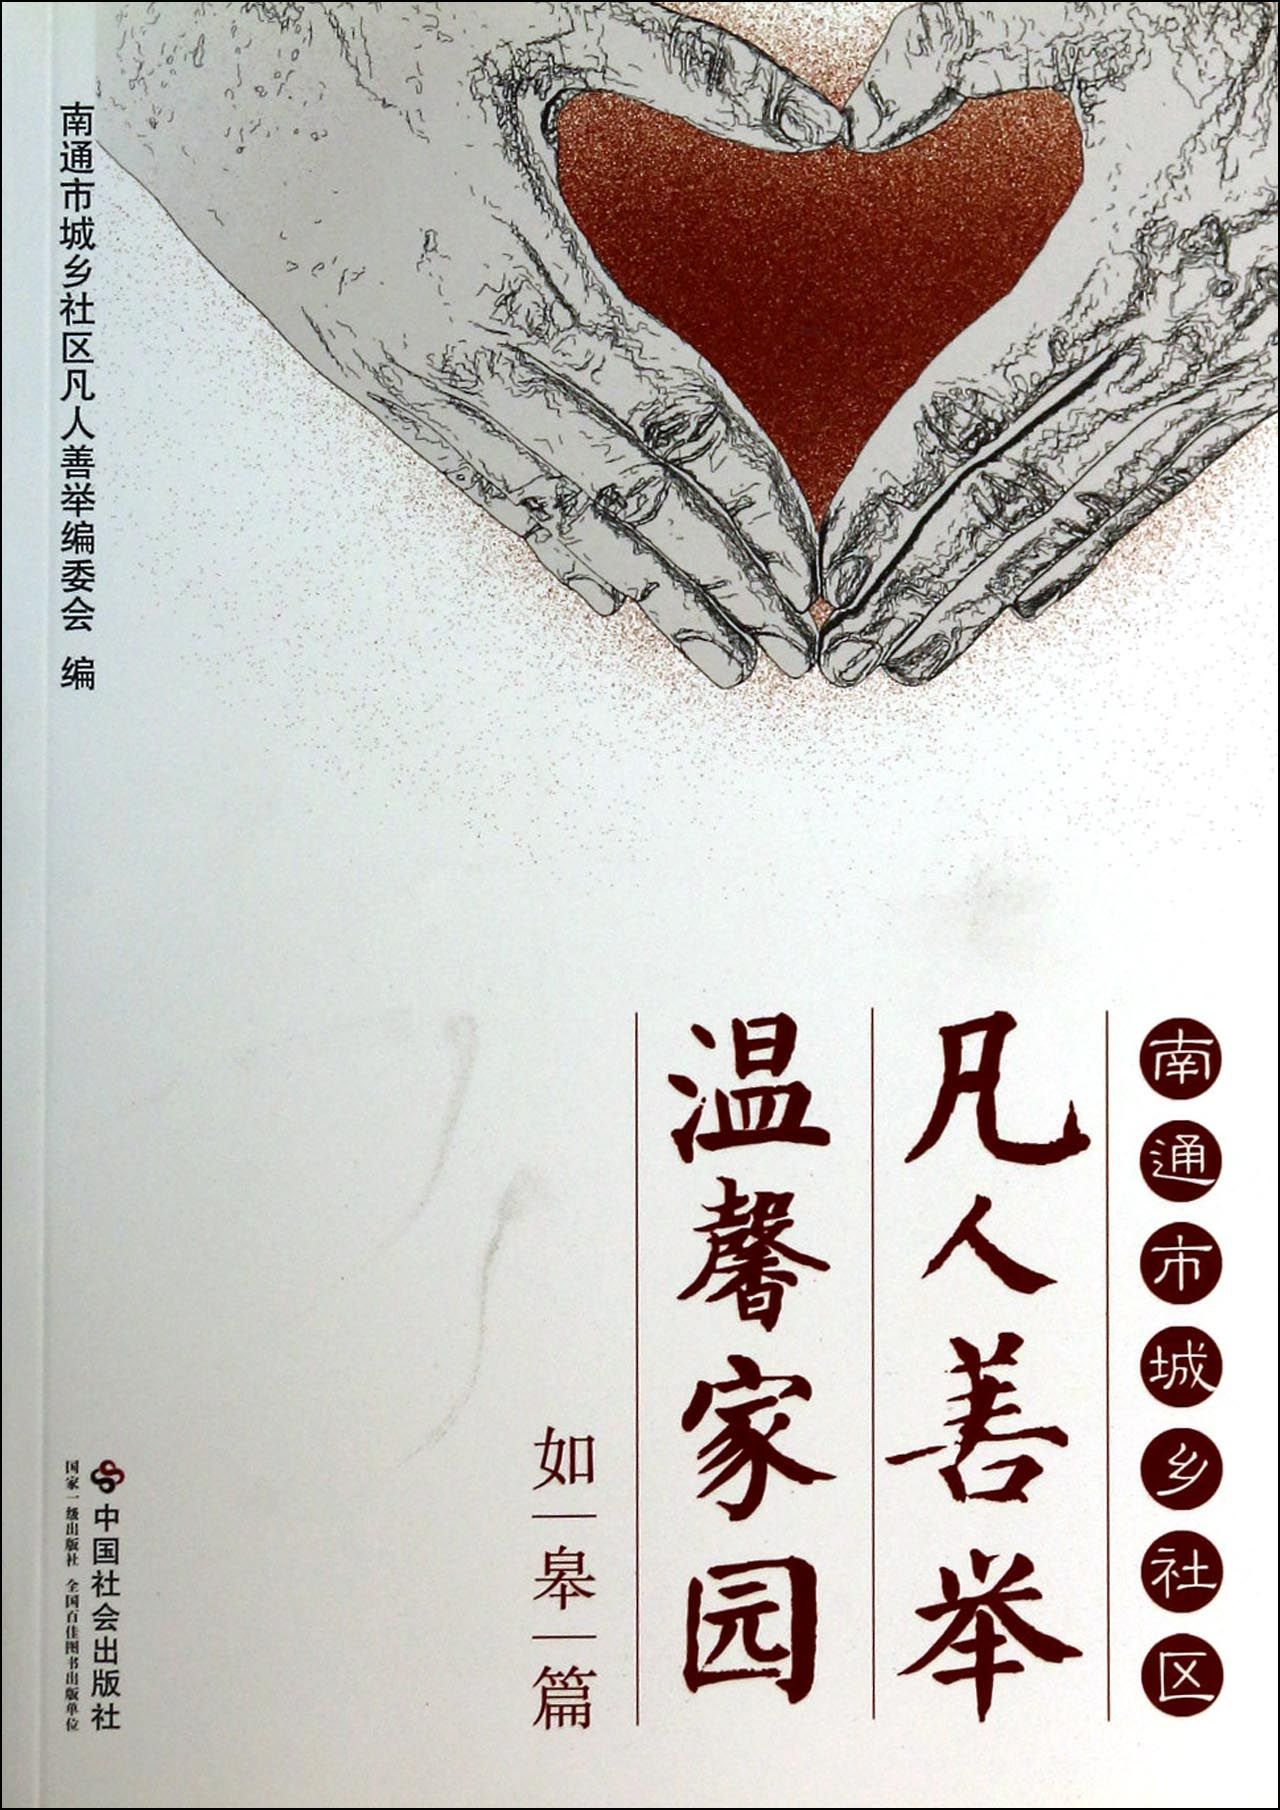 久敬庄社区地图